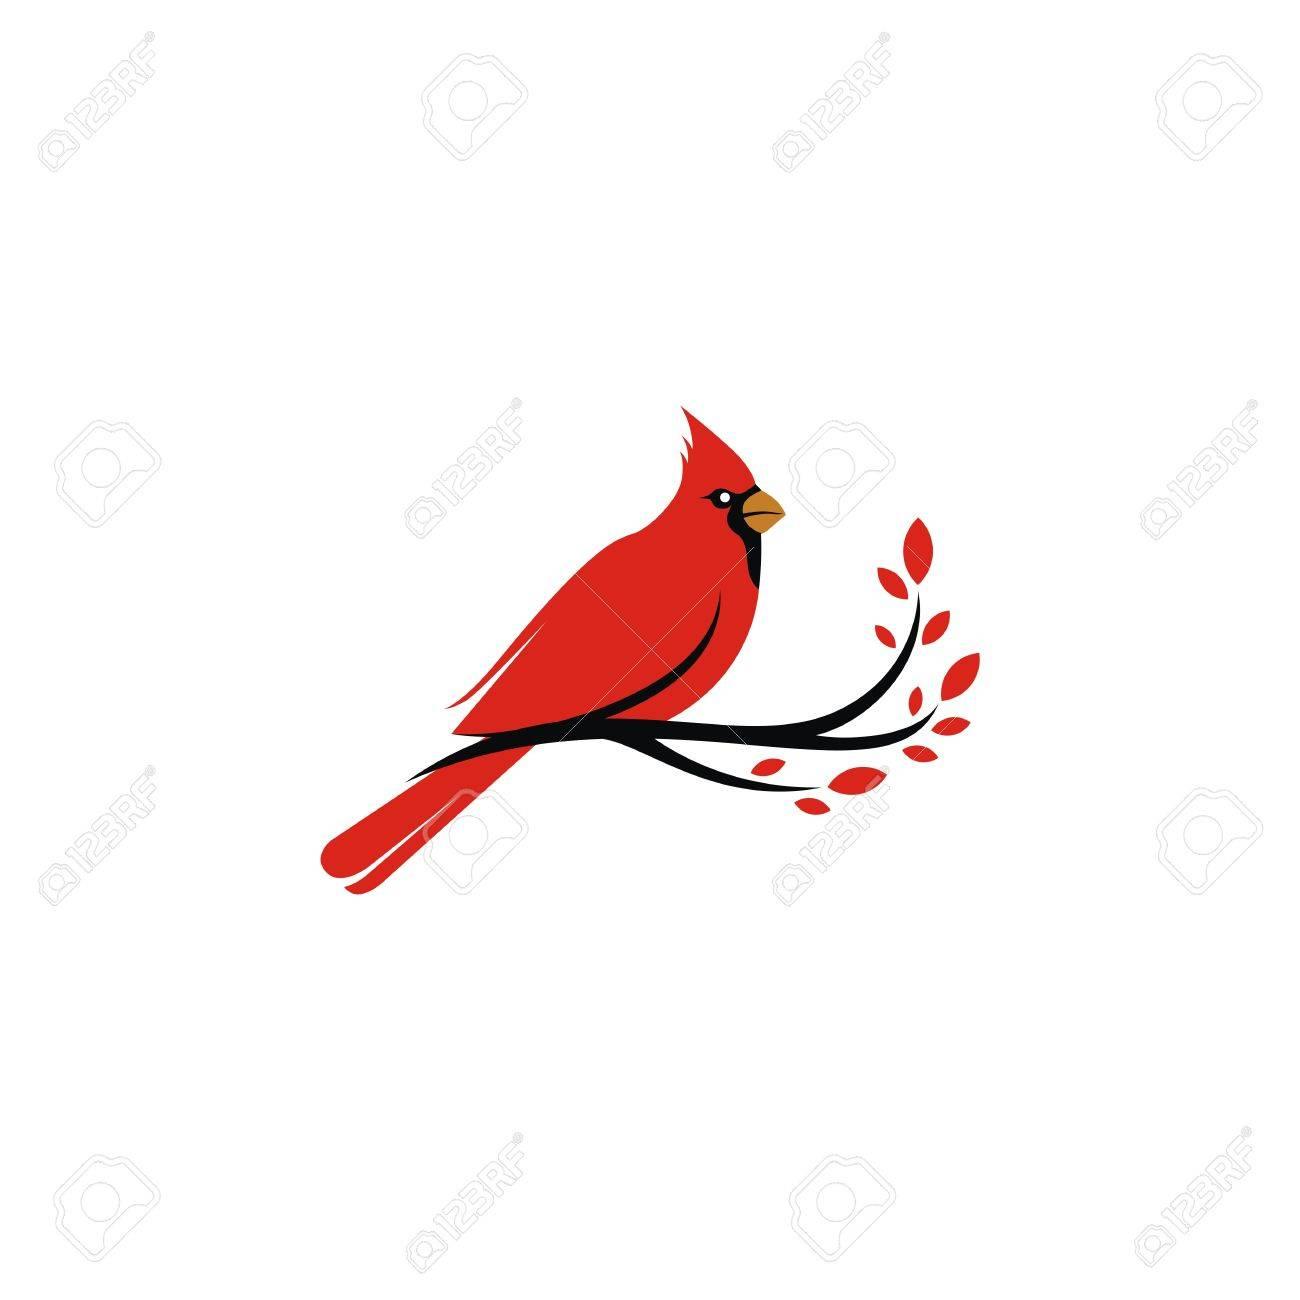 Cardinal vector - 64244349